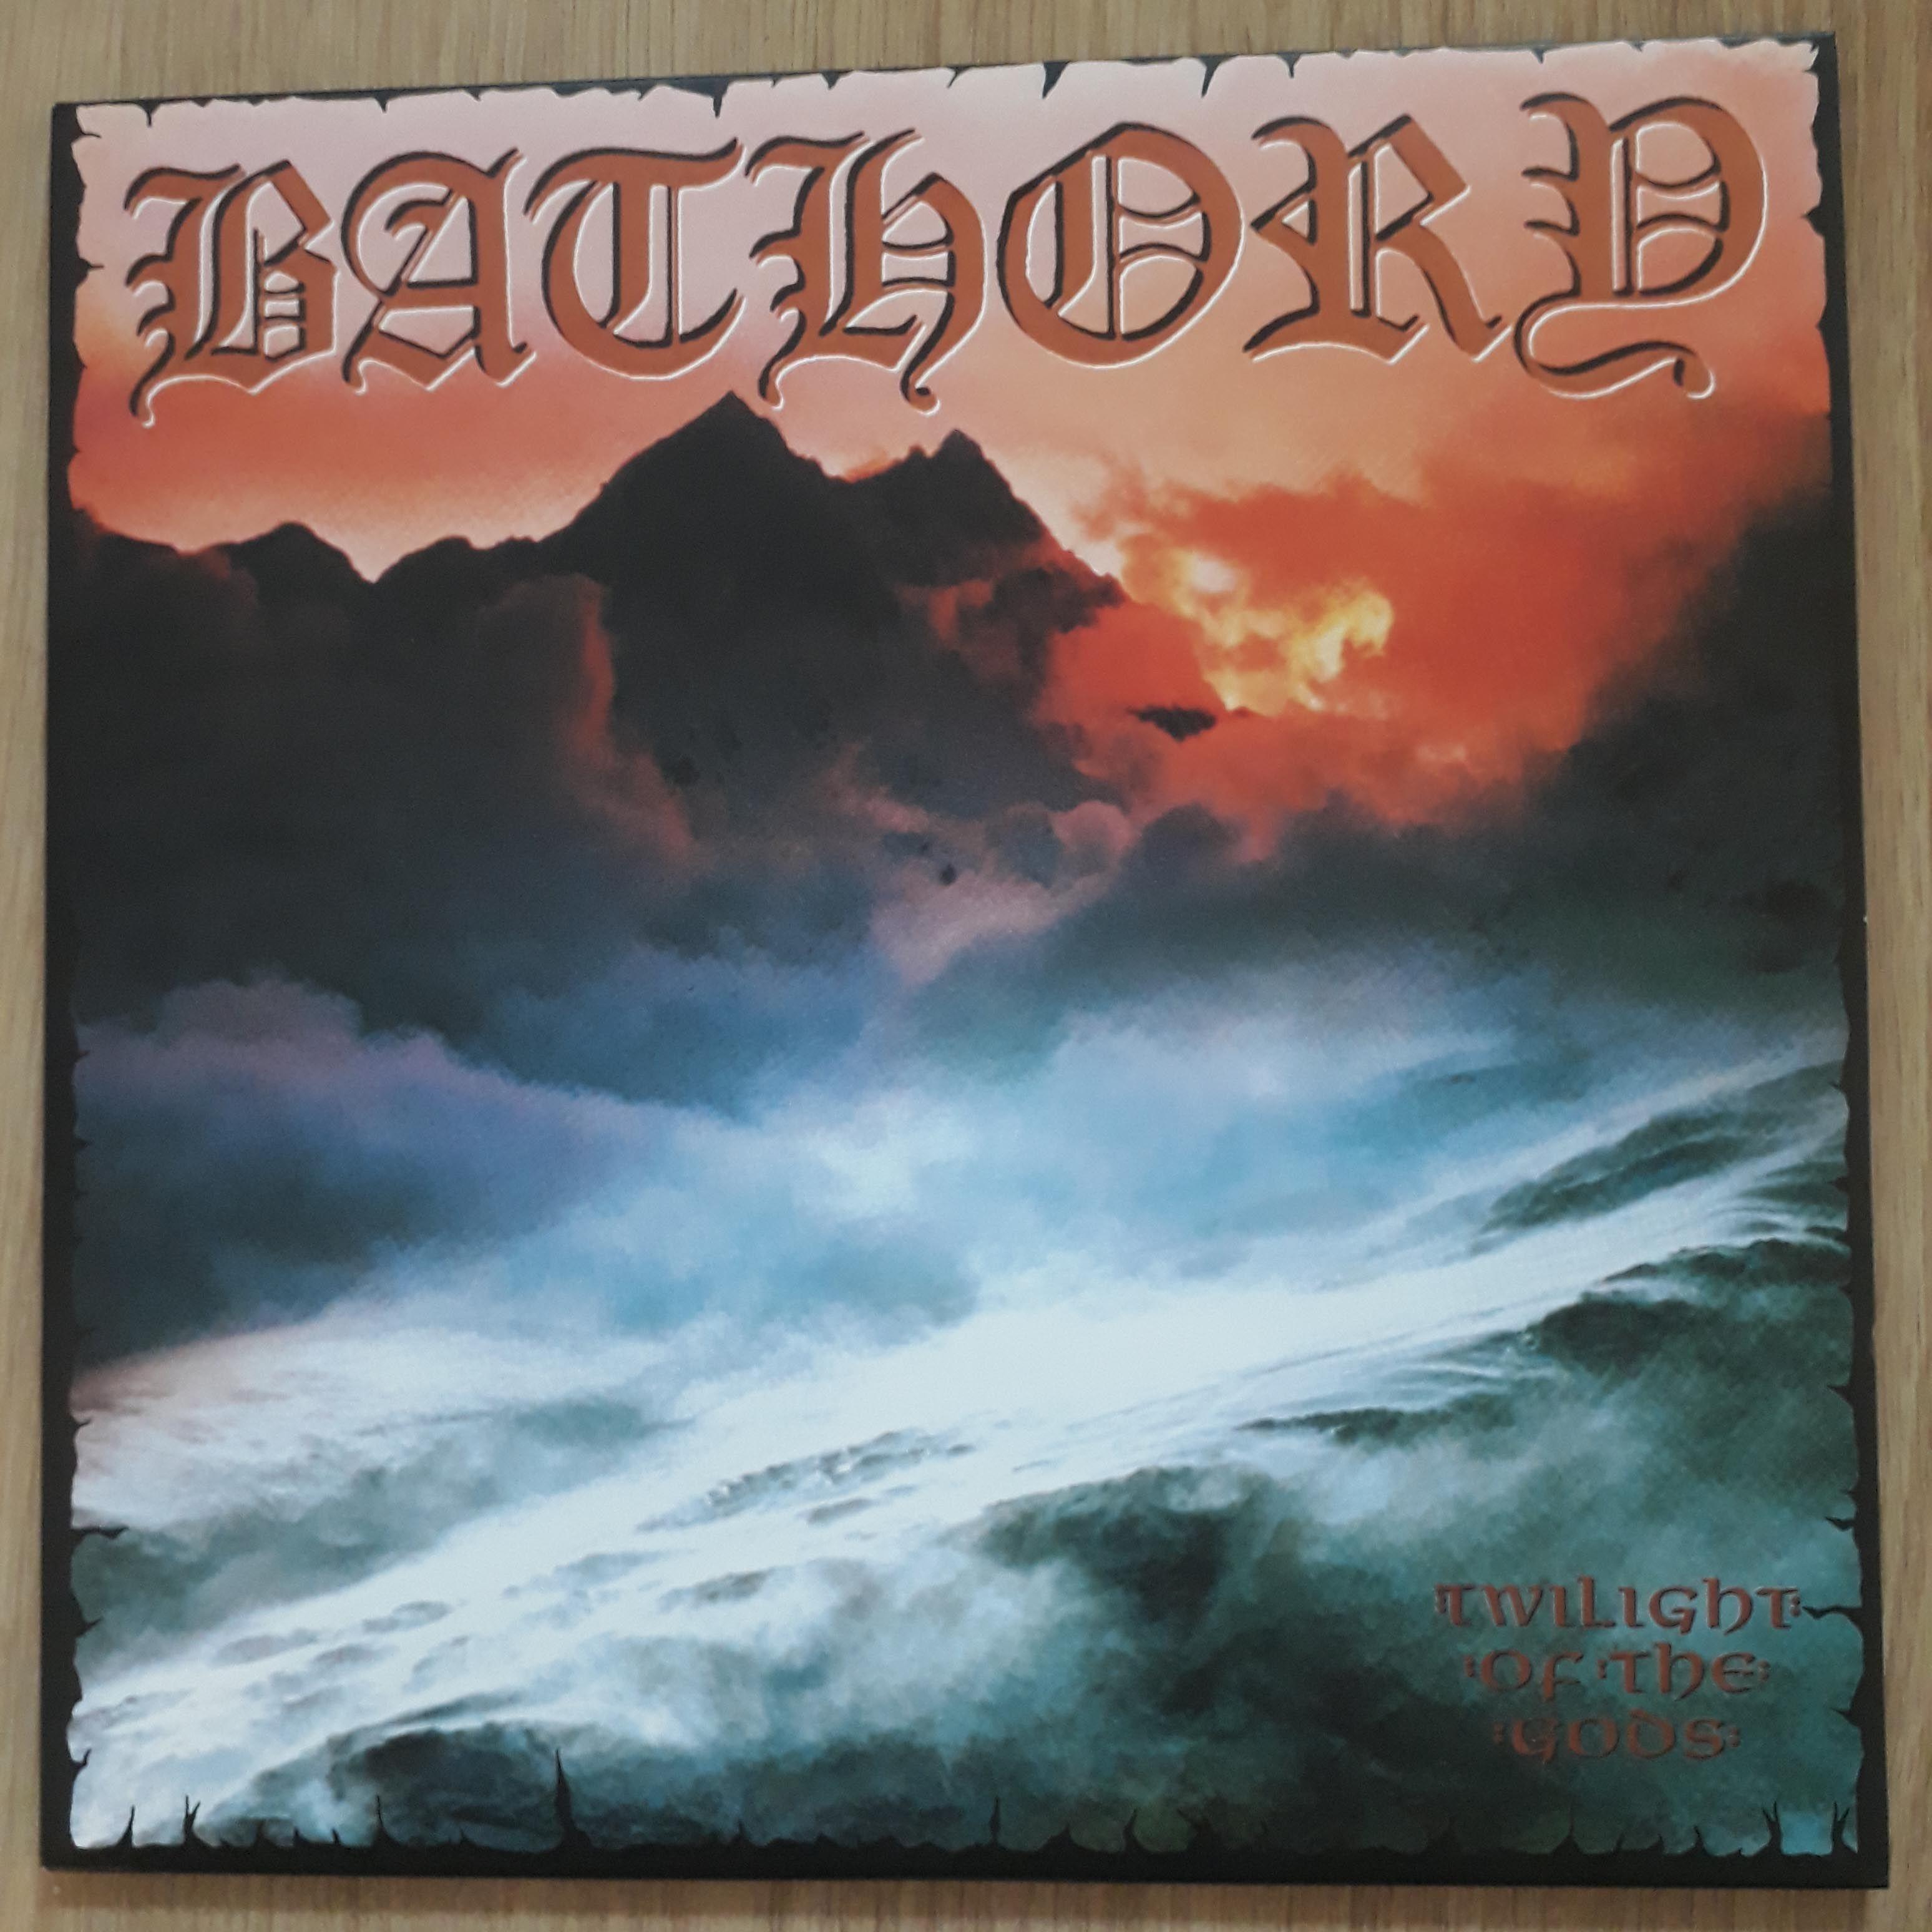 Bathory Twilight of the gods LP undefined